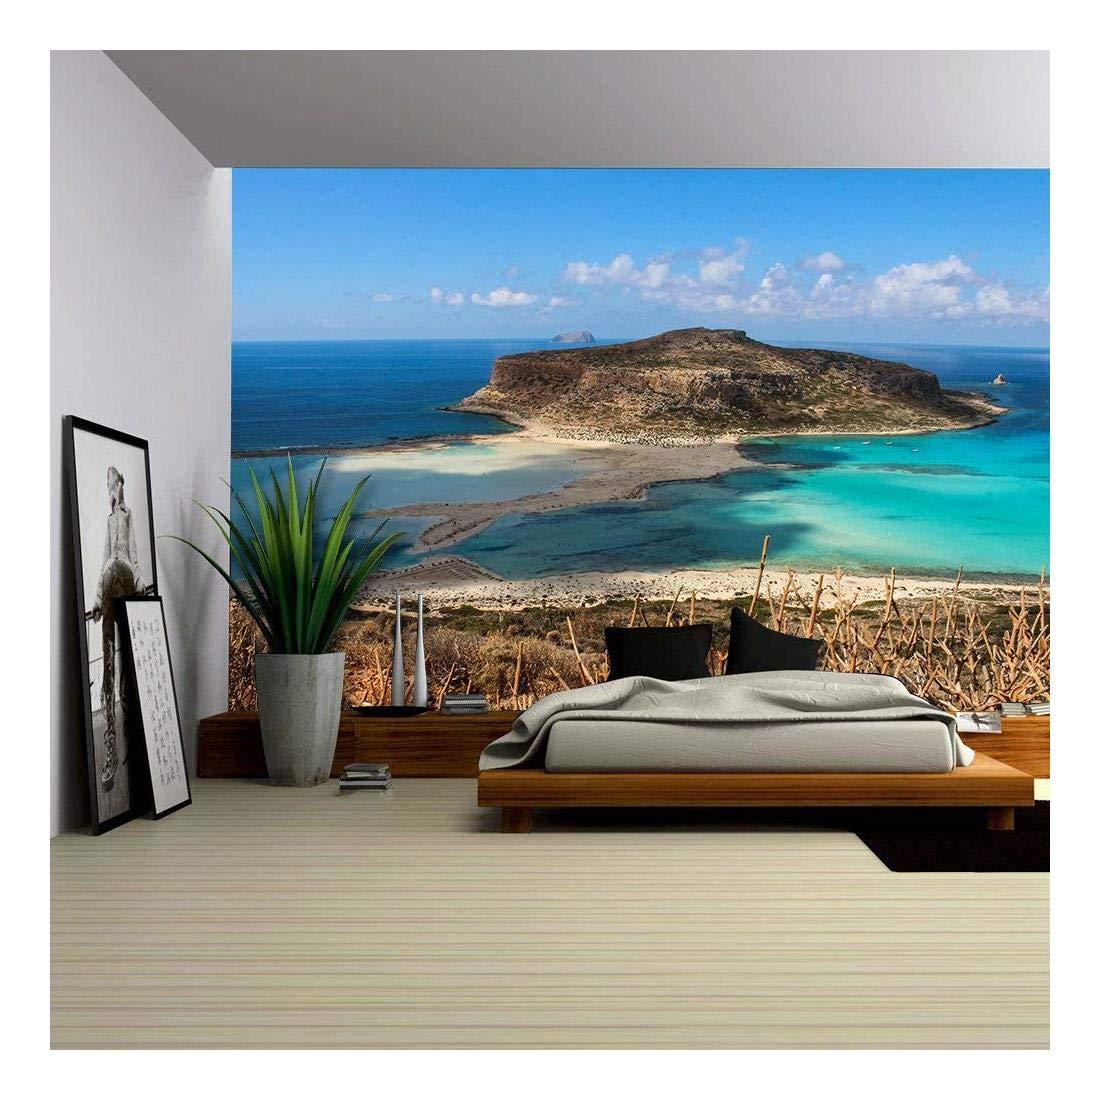 Exotic Beaches Gramvousa Island Balos Lagoon Crete Greece Wall